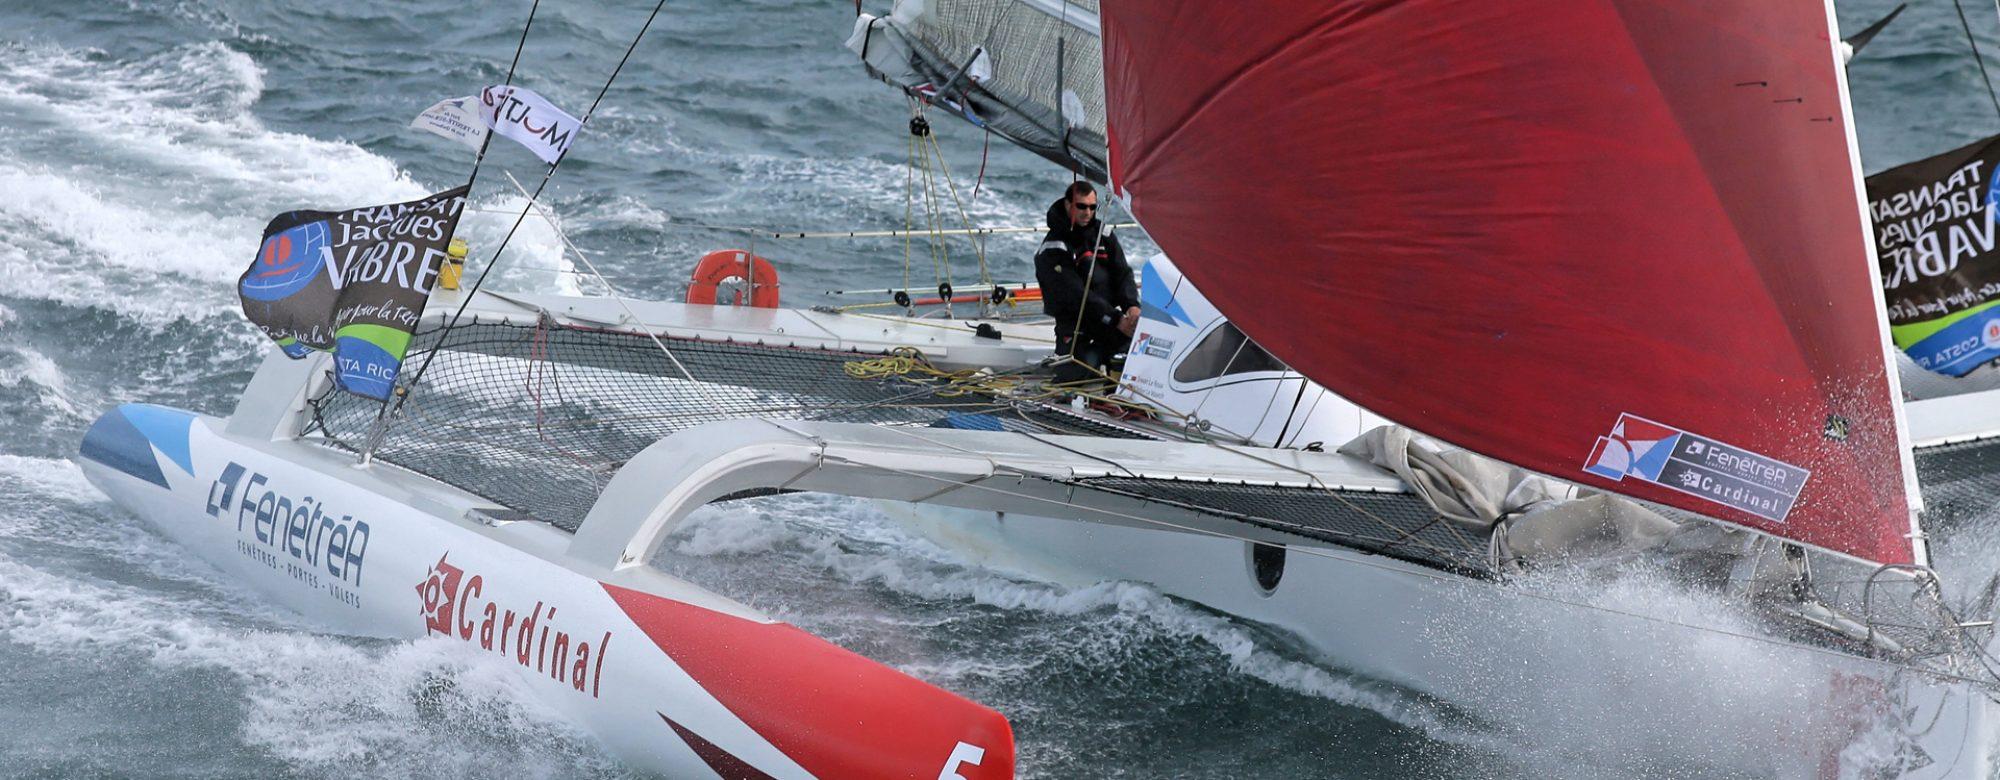 Équipage d'un voilier lors de la régate Transat Jacques Vabre